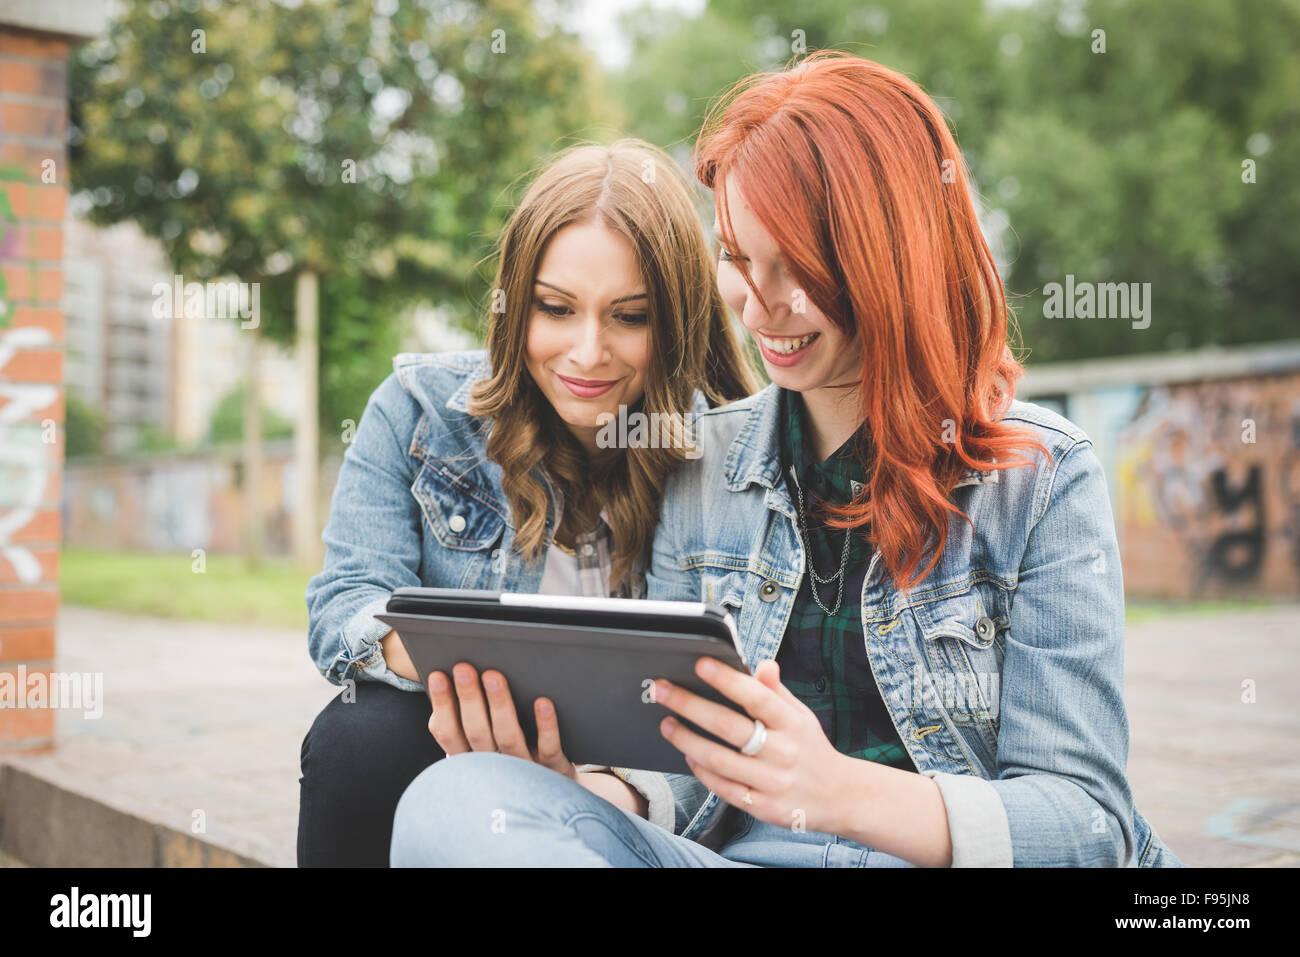 La moitié de la longueur de deux jeunes handsome young Blonde Redhead et les cheveux droits femmes assis sur Photo Stock